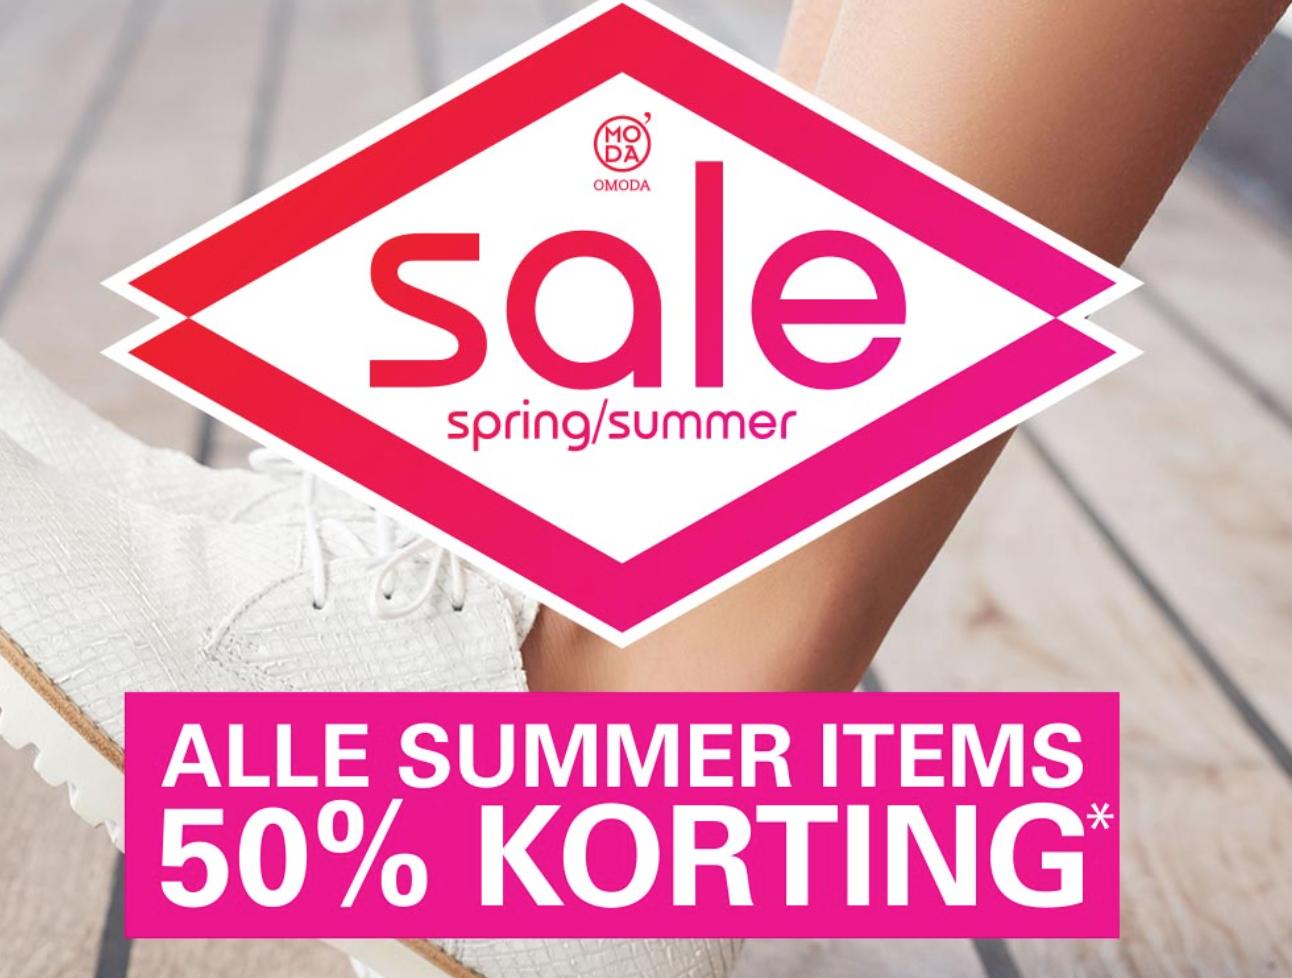 min. 50% korting op summer items @ Omoda